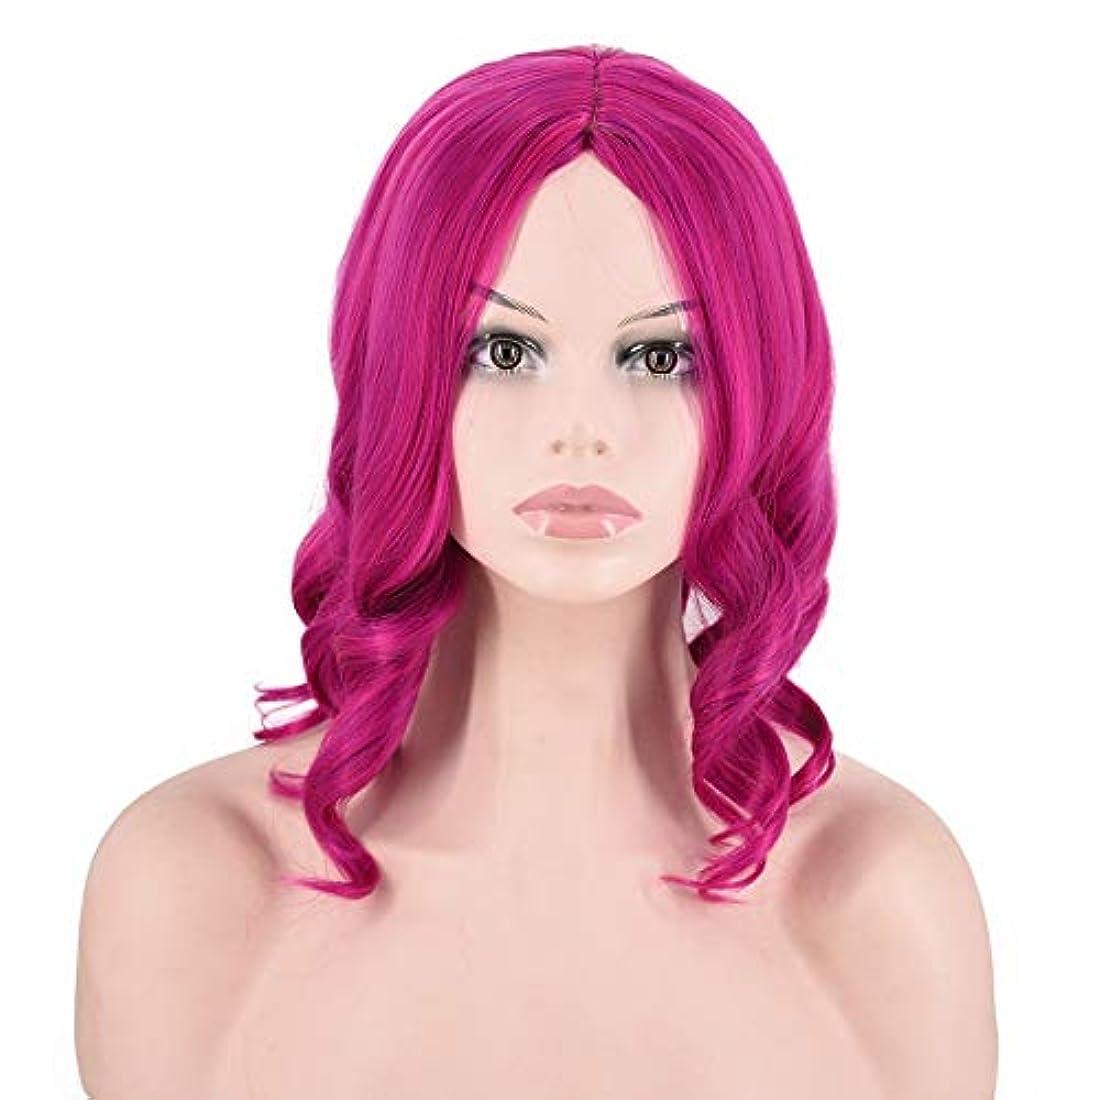 検査敵しかしYOUQIU 女性のファッションの毎日髪のかつらのためにローズレッドコスプレウィッグカーリーボブヘアーウェーブスタイル (色 : Photo Color)